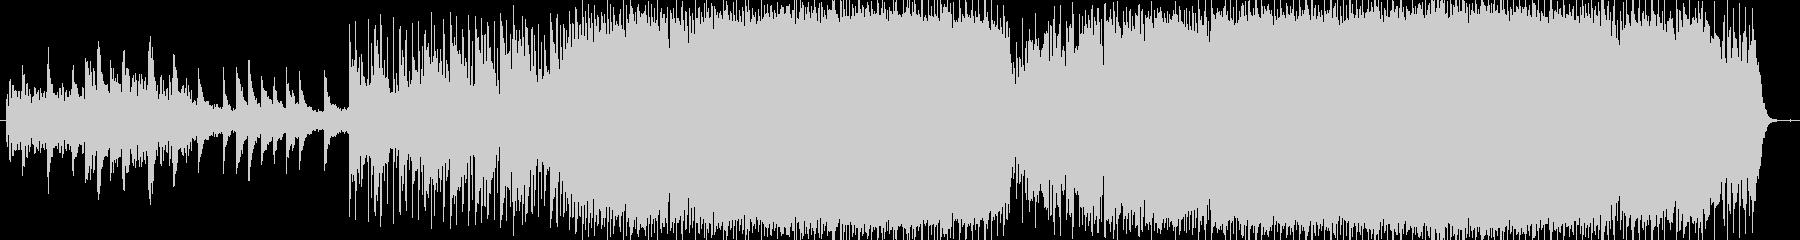 広大で宇宙的なシンセのメロディが特徴の曲の未再生の波形